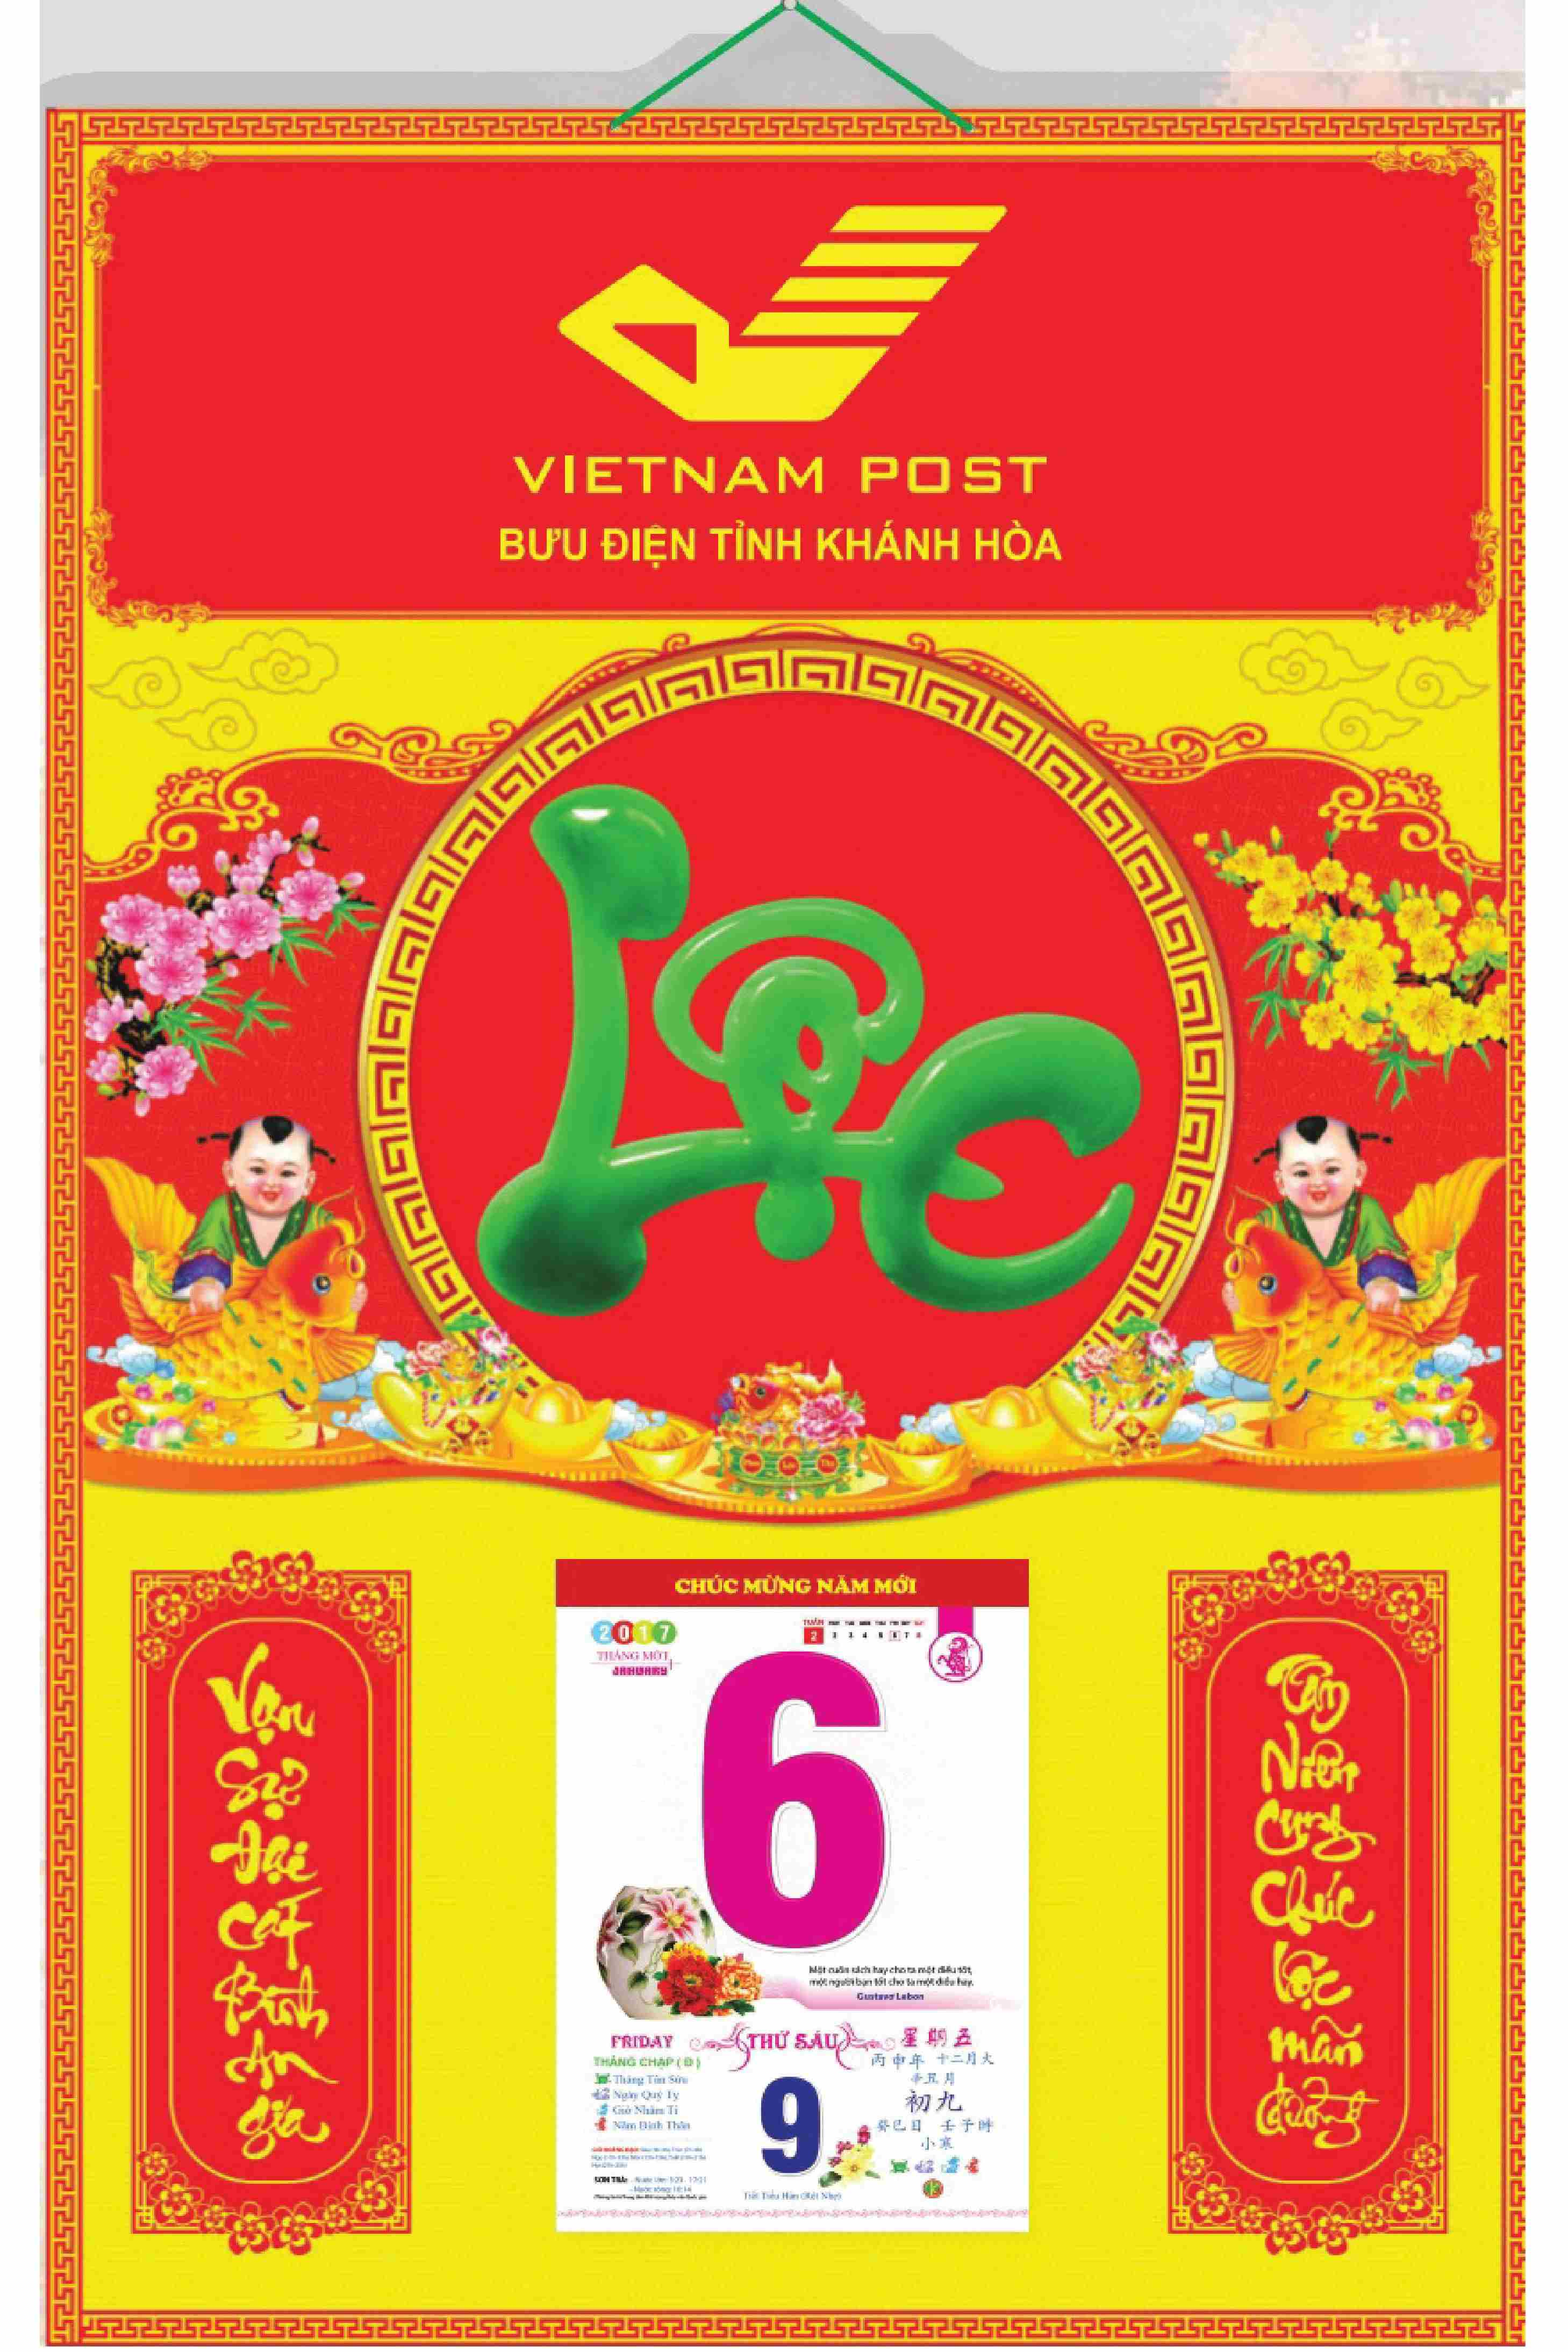 Bìa Treo Lịch Đỏ 40x60- Dán Nổi Chữ Lộc - EBOOK/PDF/PRC/EPUB